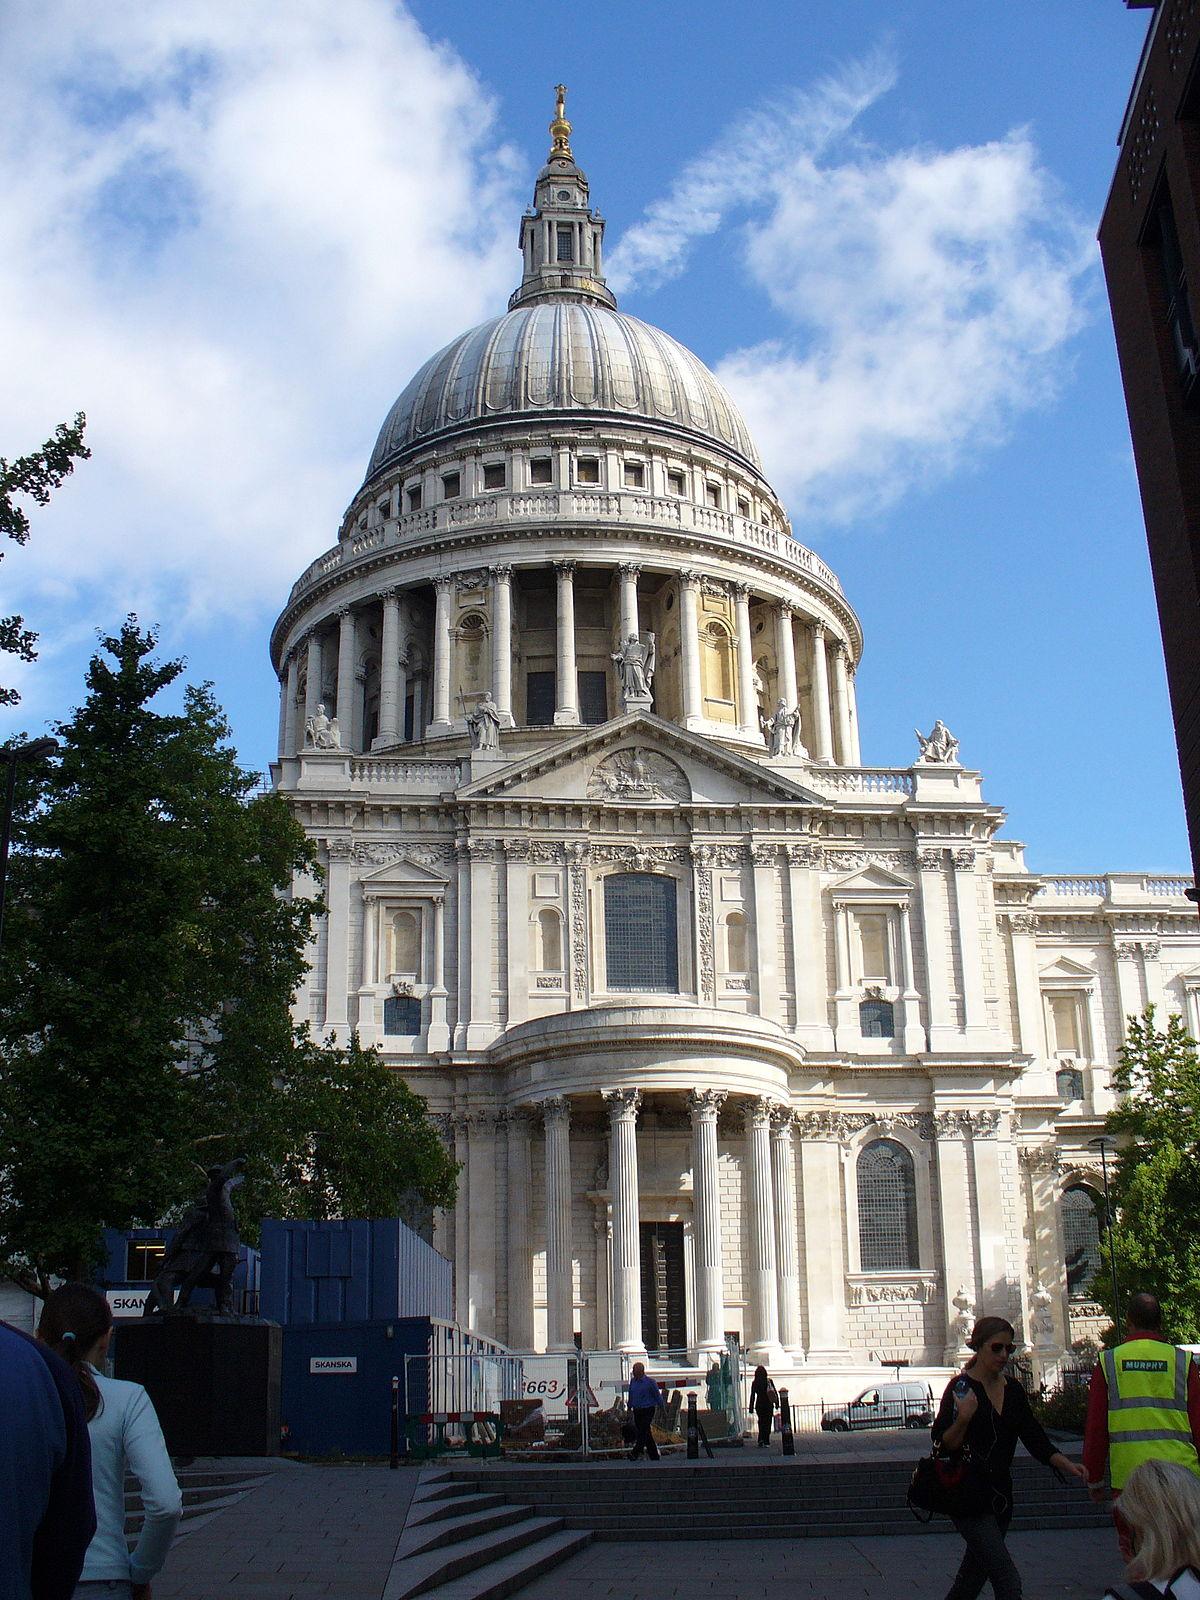 Katedrala Svetog Pavla u Londonu - Wikipedia